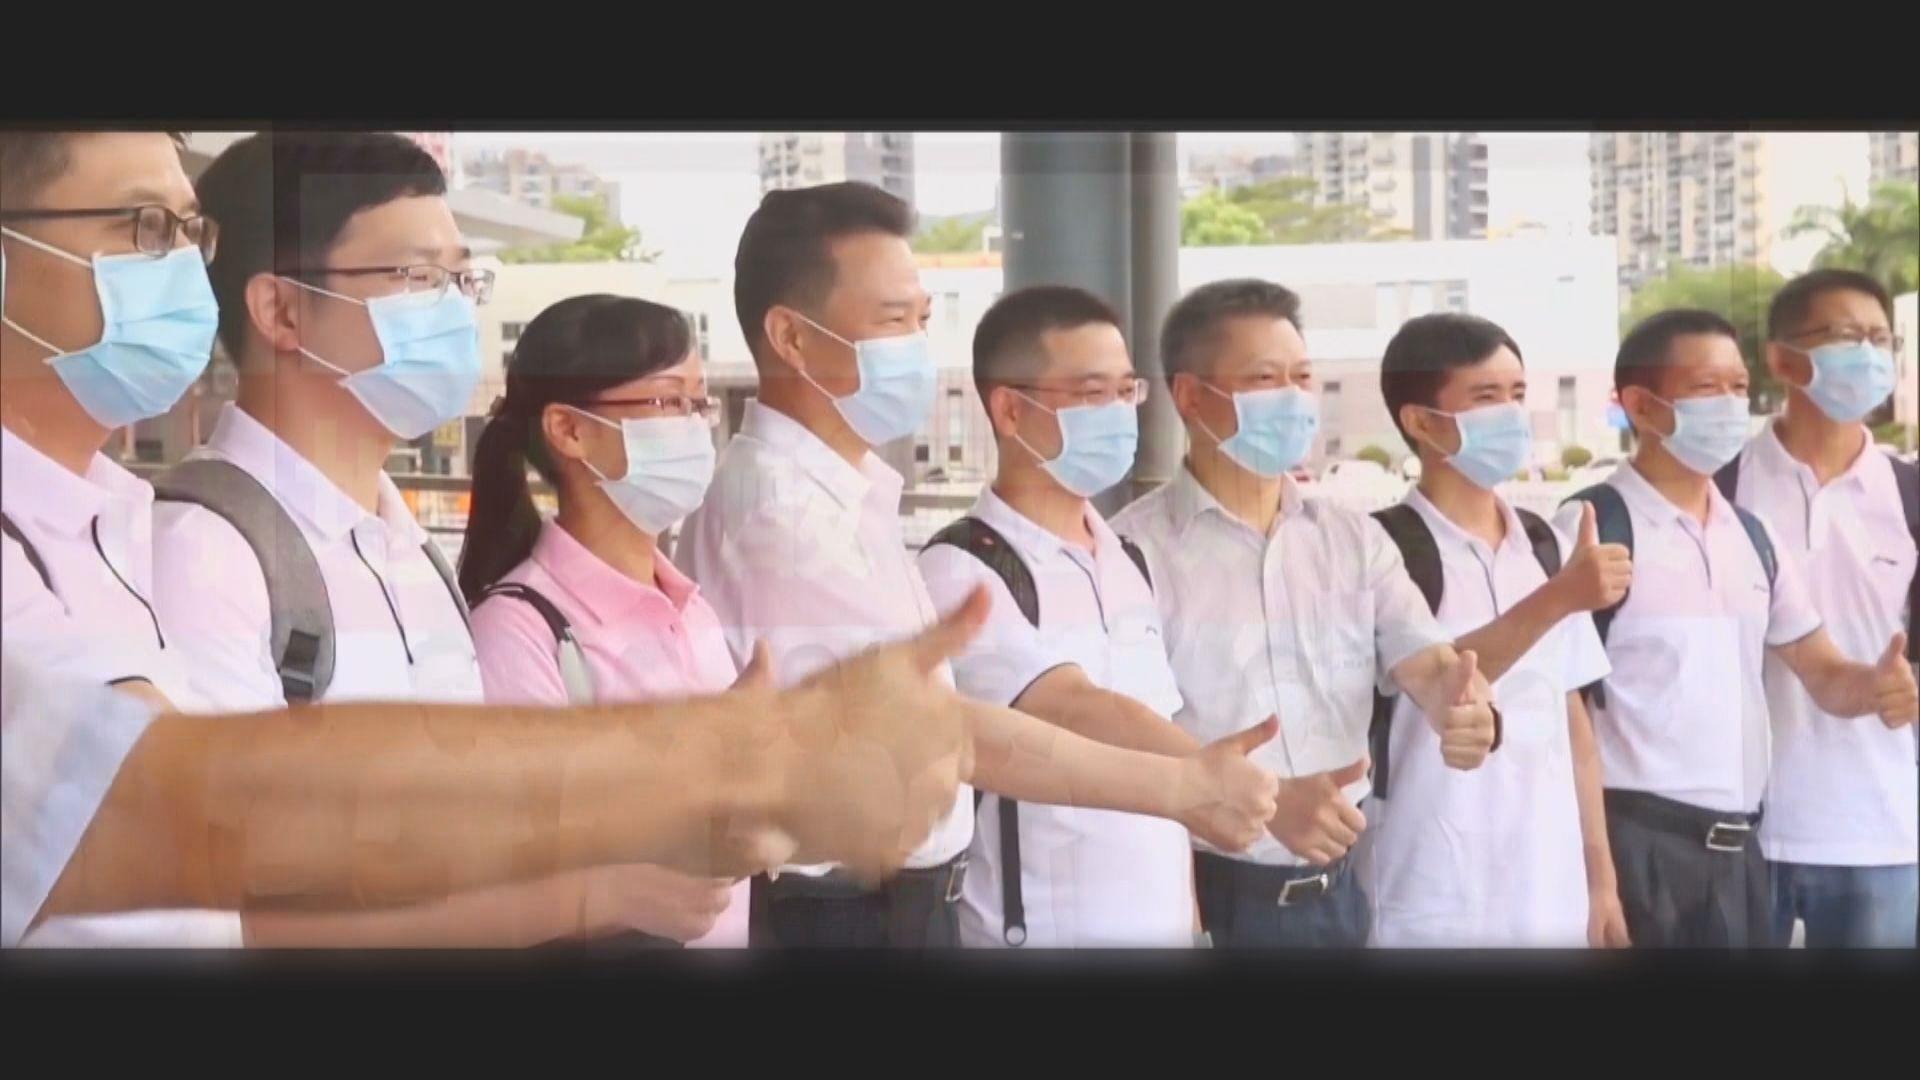 內地核酸檢測支援隊:遵守香港法律法規下開展工作